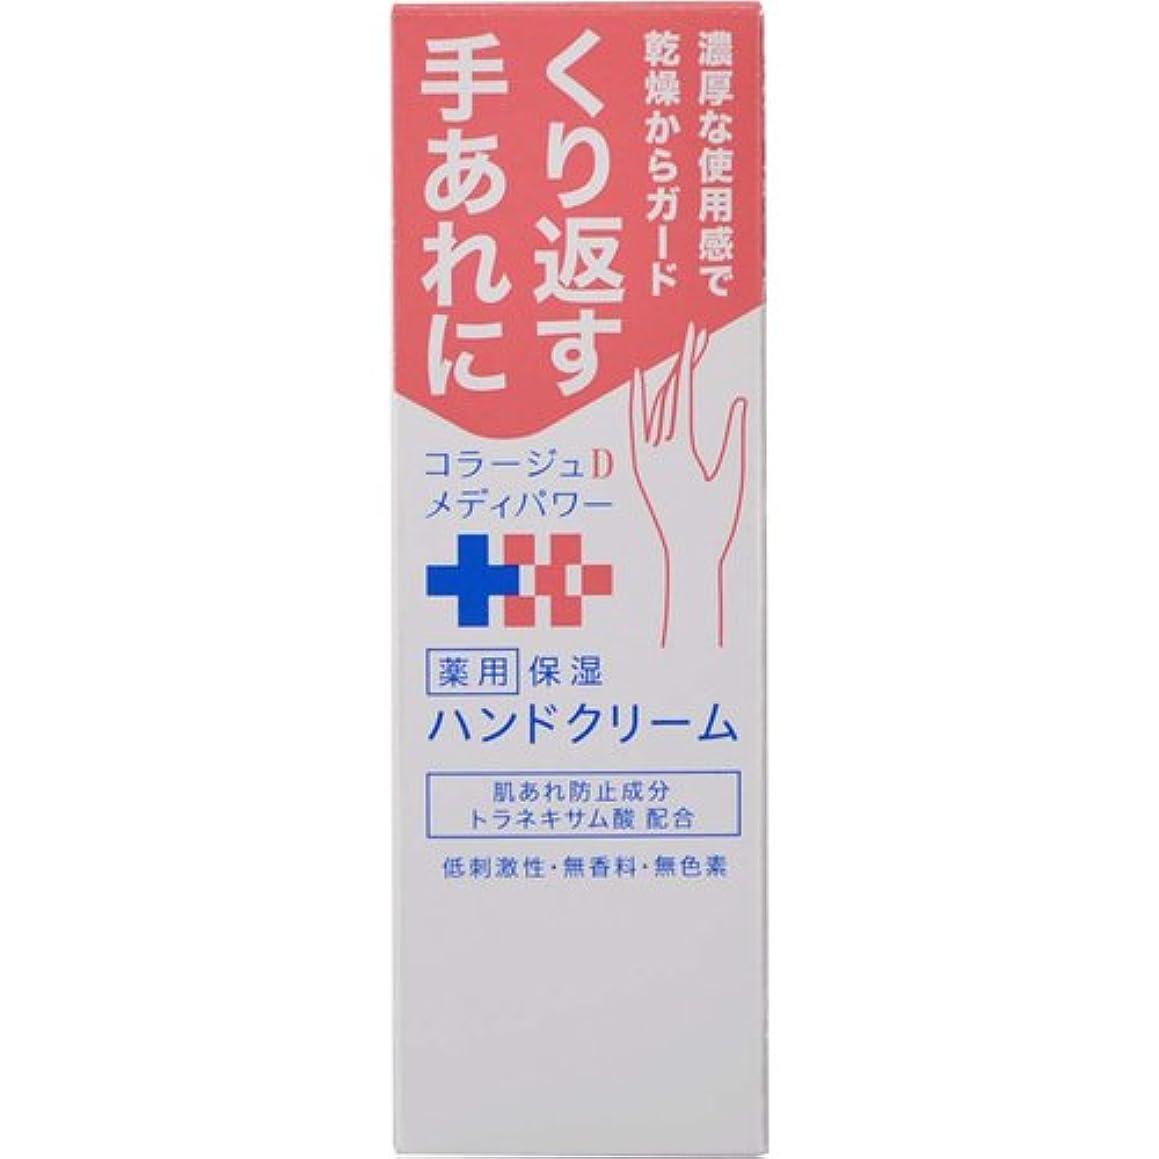 先生チャーム現像コラージュ D メディパワー 保湿ハンドクリーム 30g 【医薬部外品】